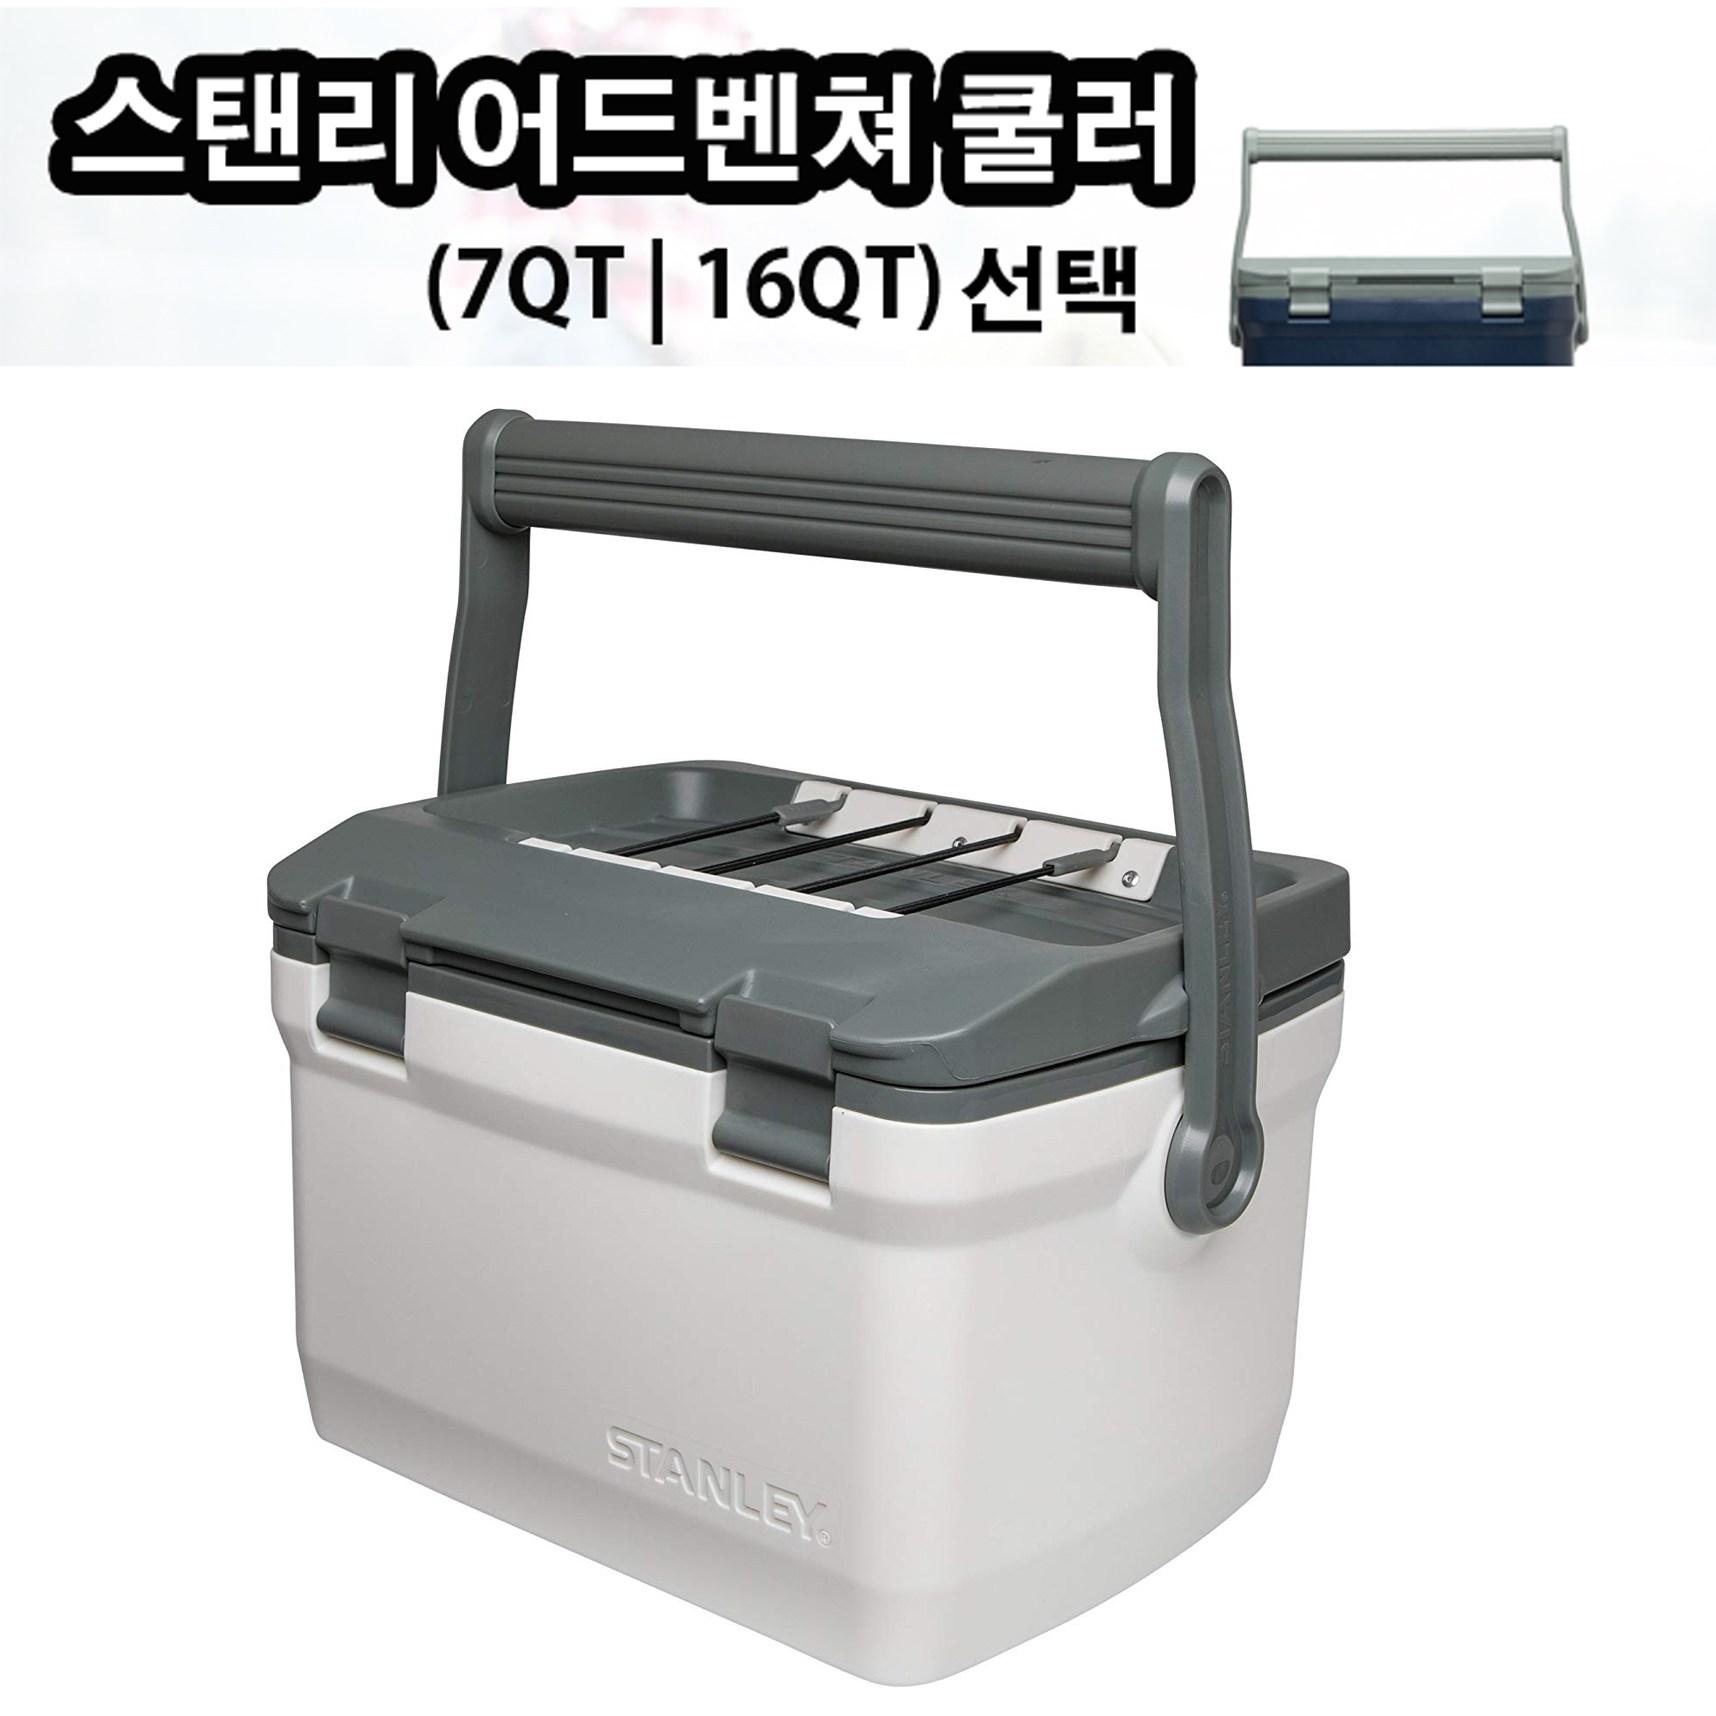 스탠리 어드벤쳐 쿨러 아이스박스 6.6L(7쿼터) 15.1L(16쿼터)선택 Stanley adventure cooler, 화이트, 6.6L